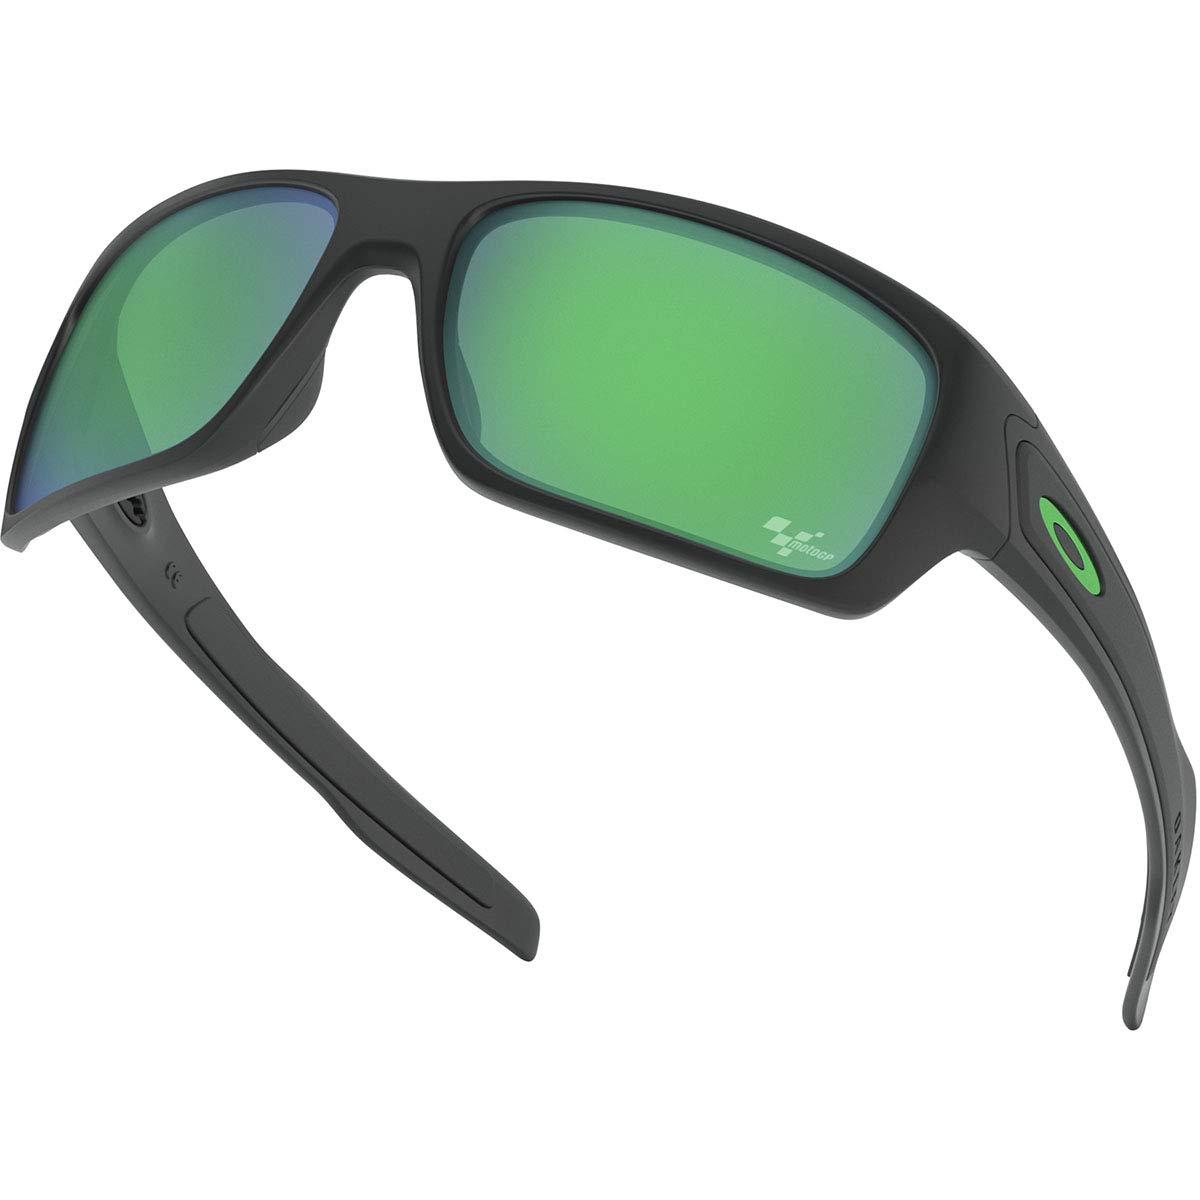 94f33f277a Oakley Sonnenbrille TURBINE (OO9263): Amazon.es: Ropa y accesorios